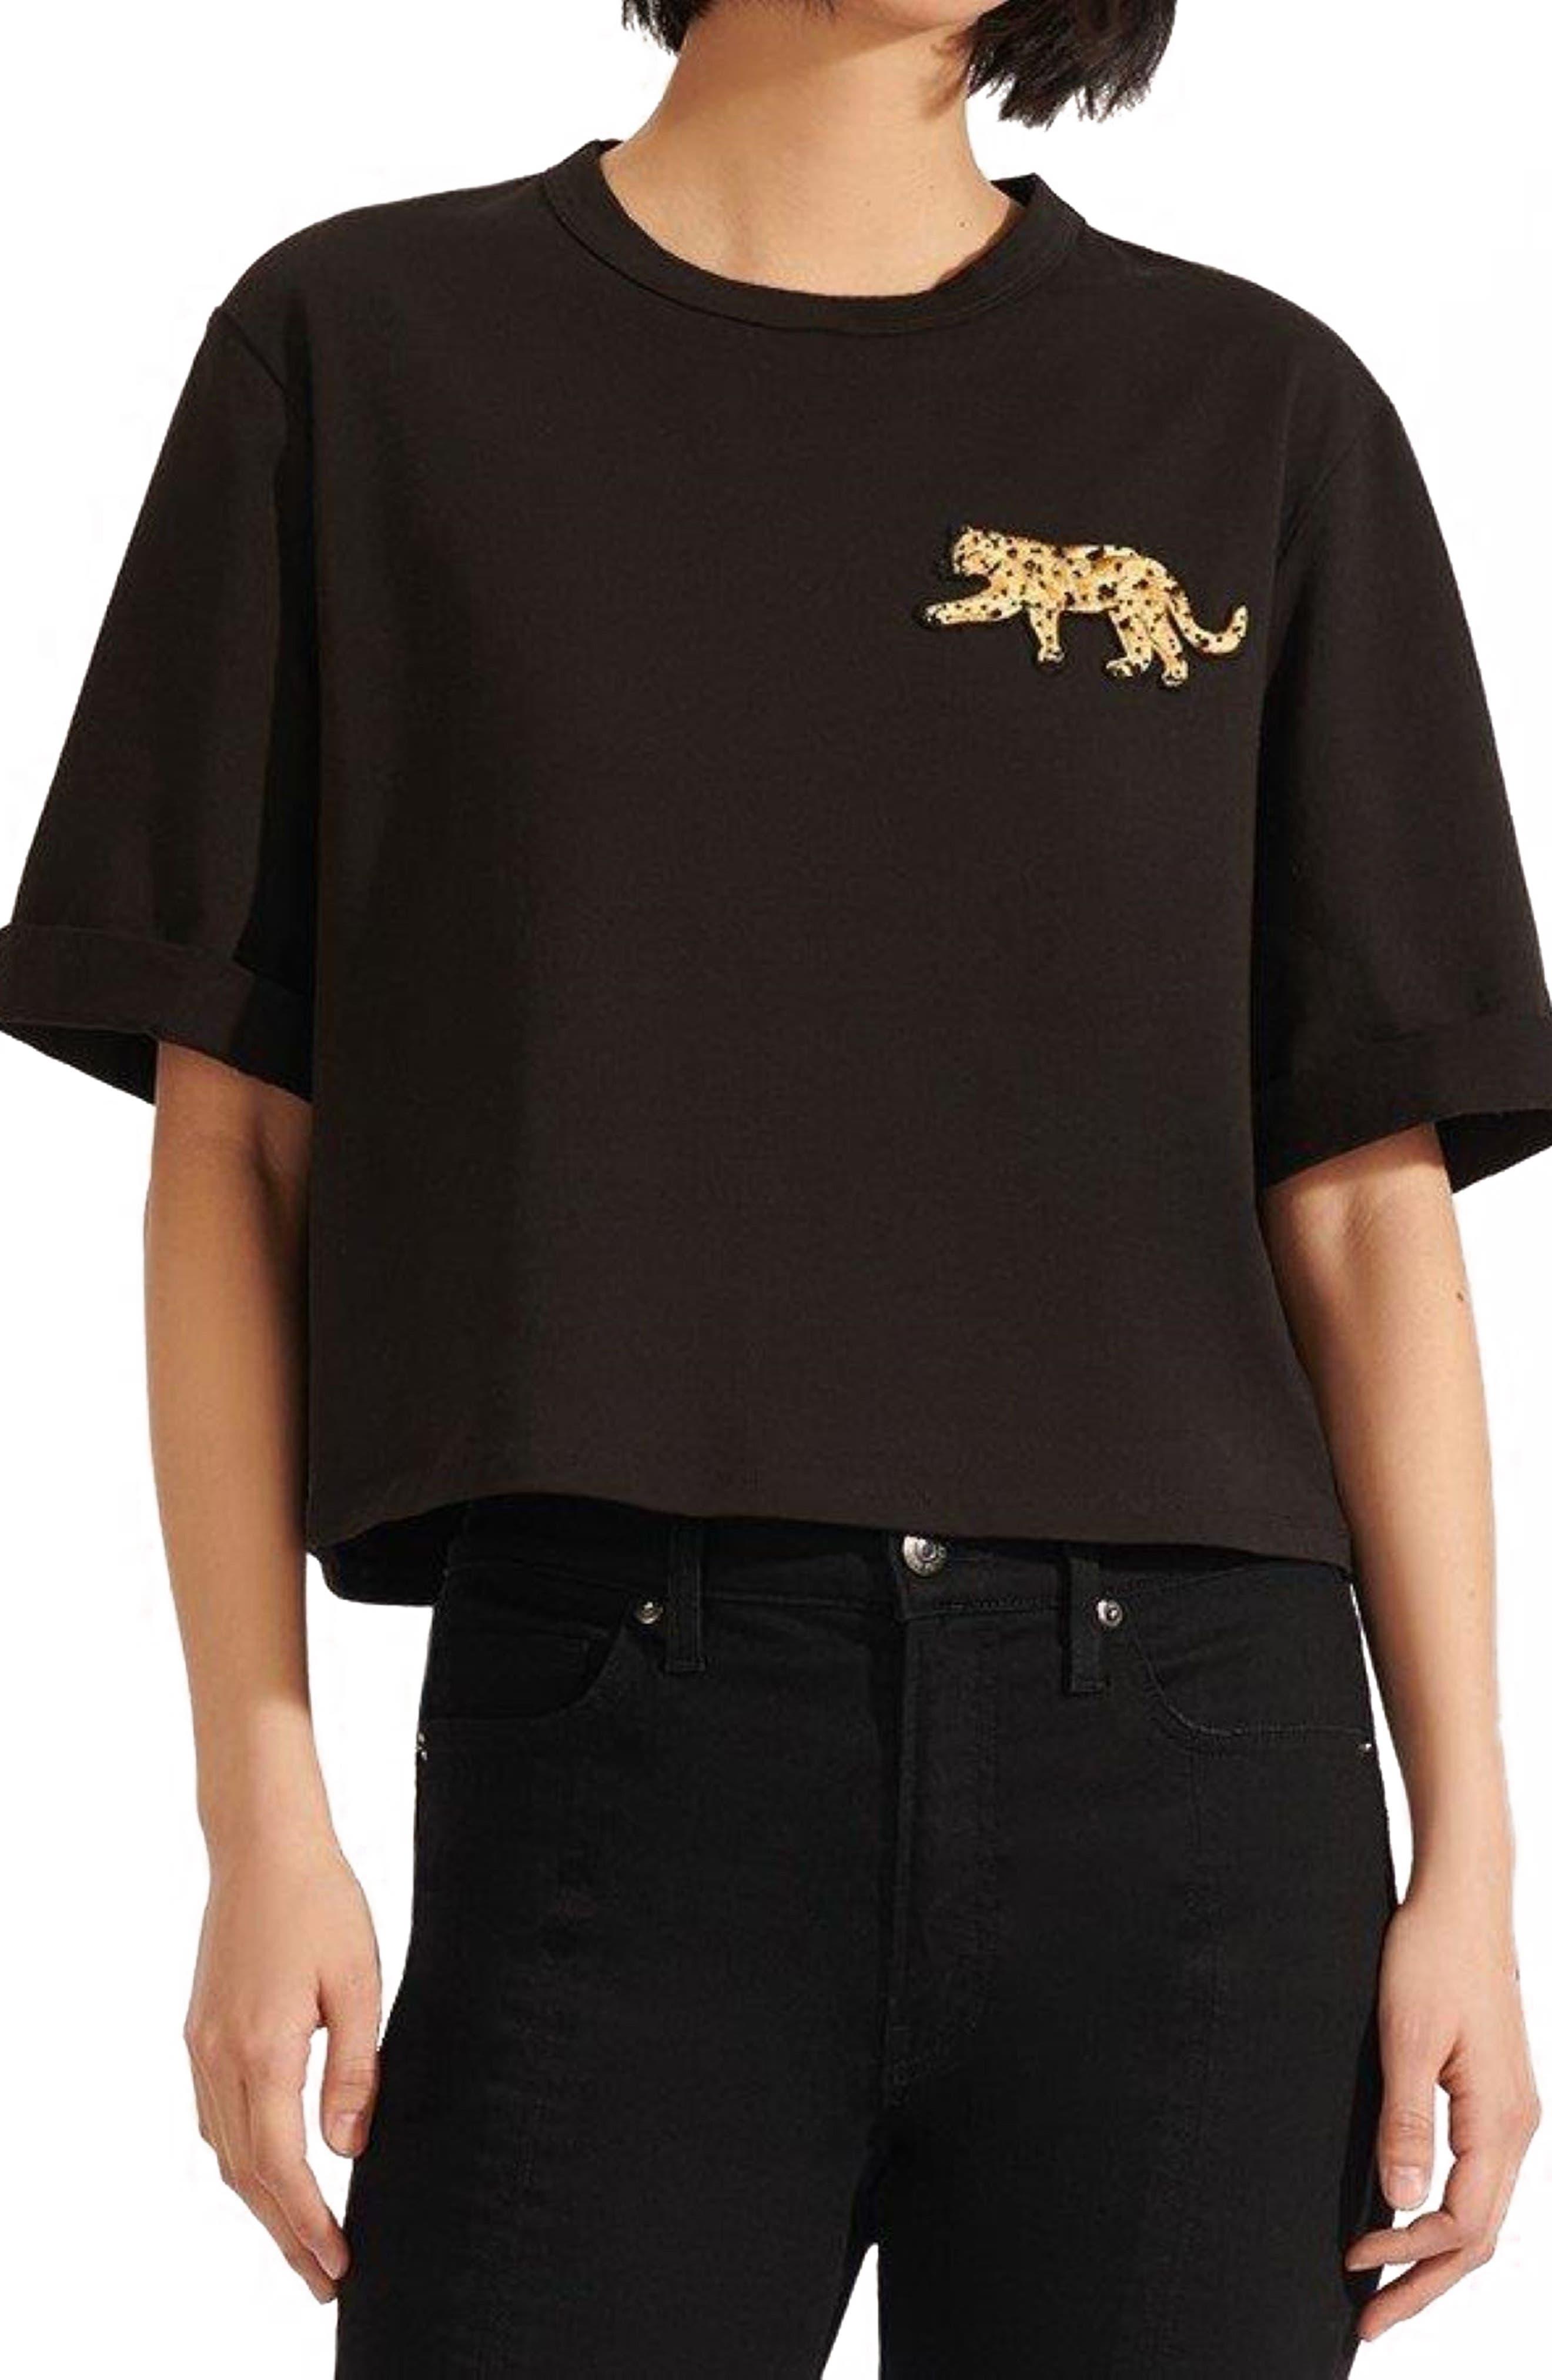 Veronica Beard Abby Sequin Patch Crop T-Shirt   Nordstrom